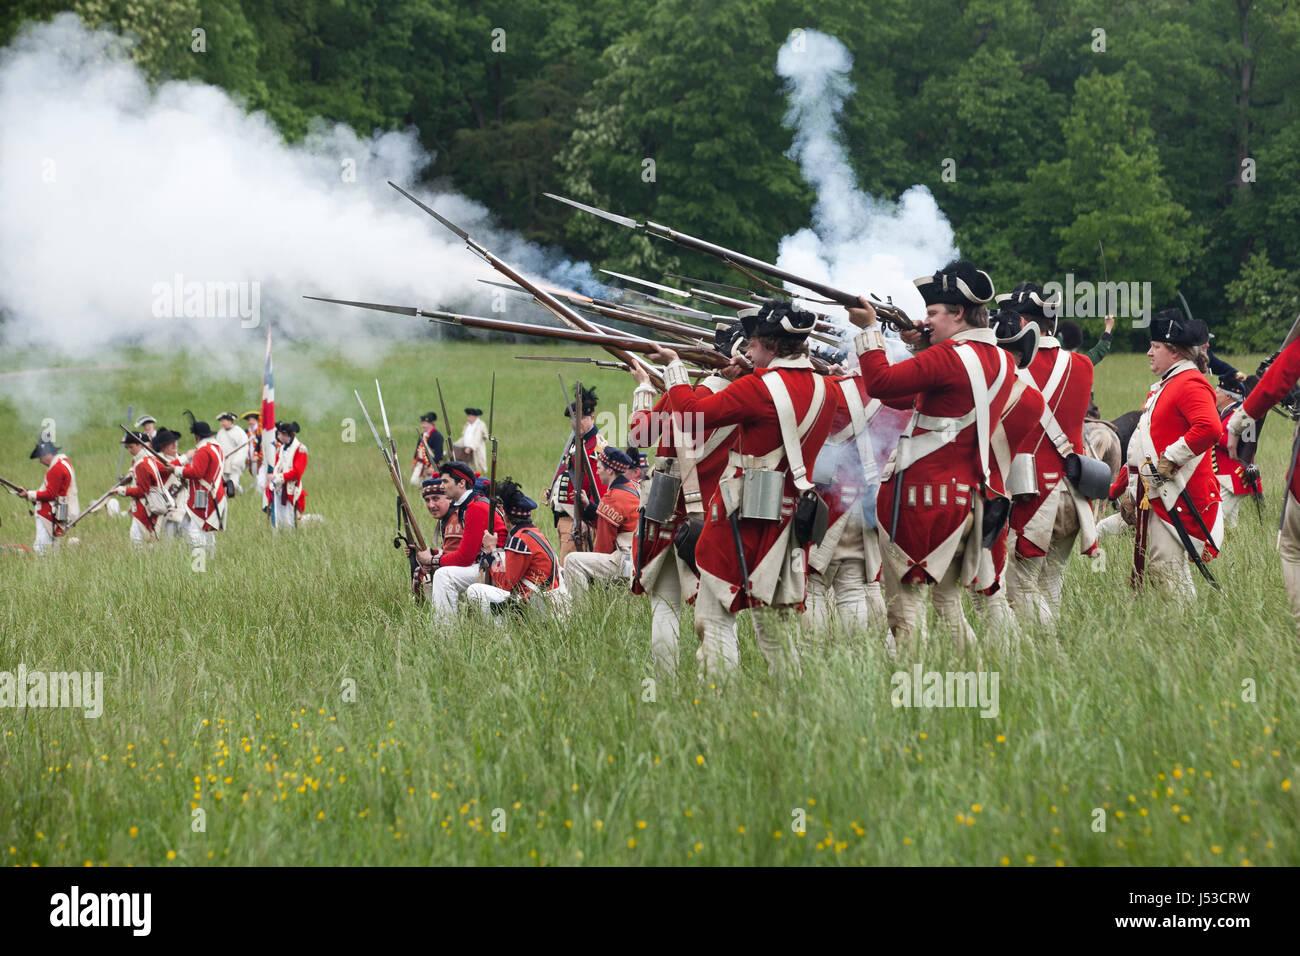 Britische Soldaten während einer Nachstellung des 18. Jahrhunderts Unabhängigkeitskrieges in Mount Vernon Stockbild